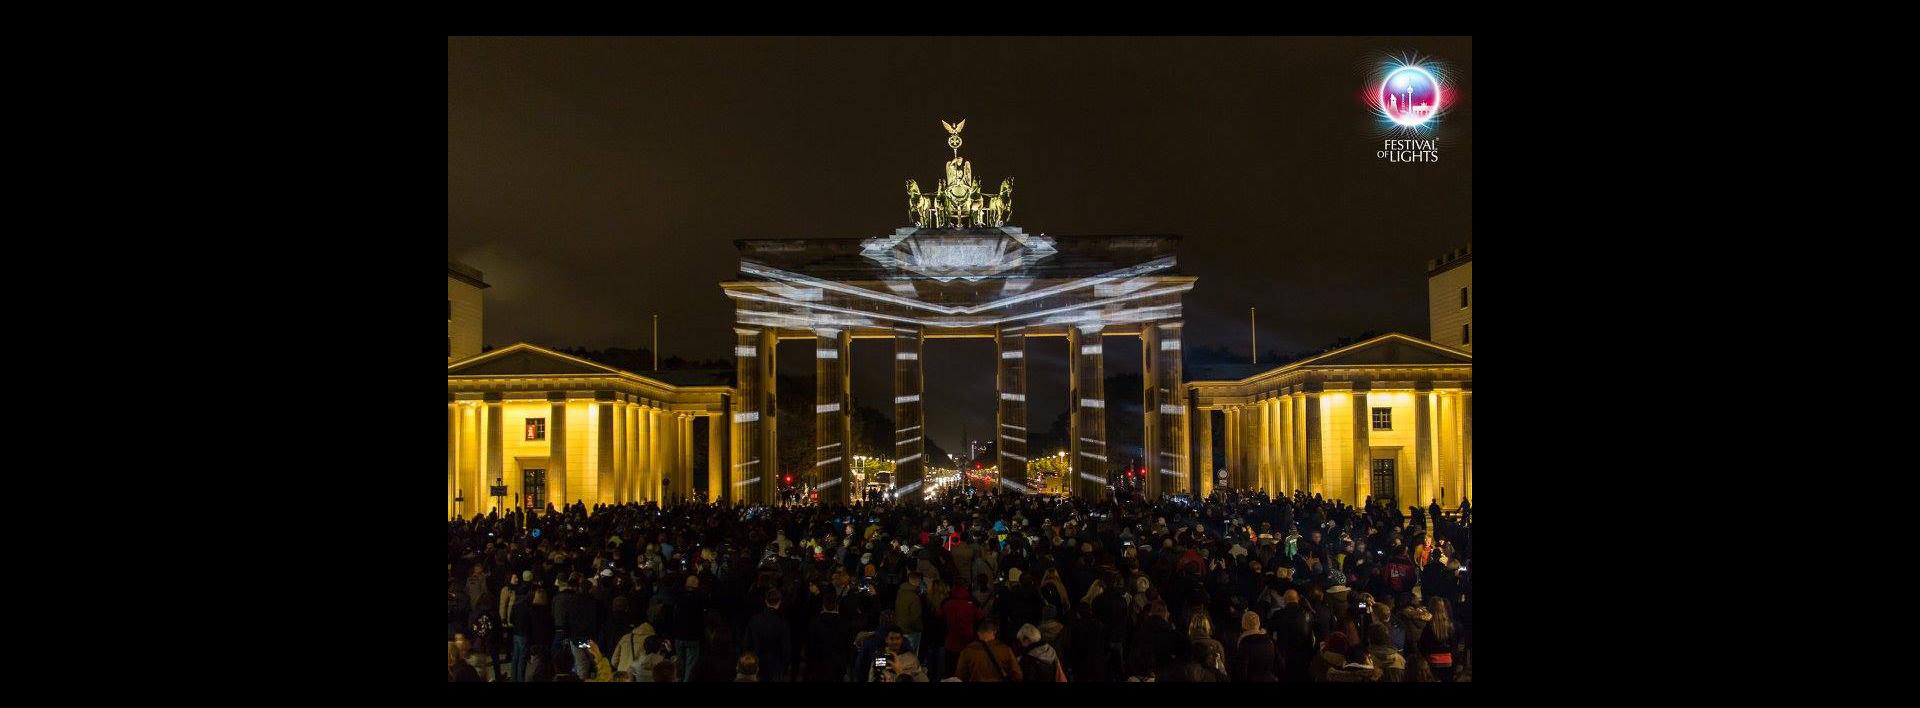 berlin-web_1